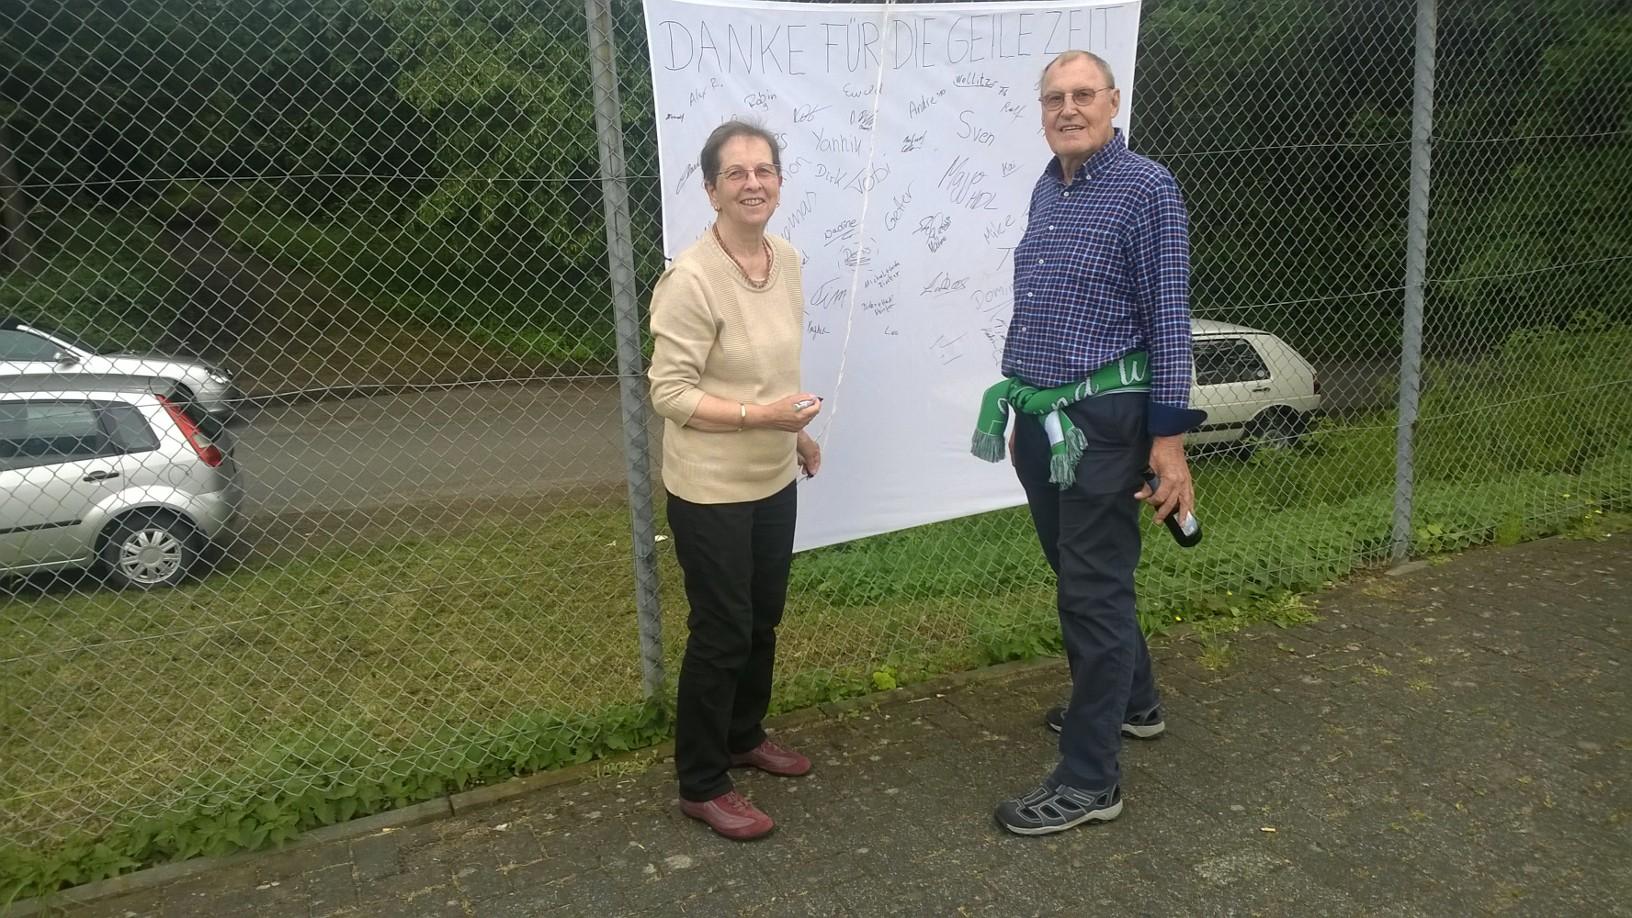 Renate und Heinz unterschreiben den Dank an Frieder